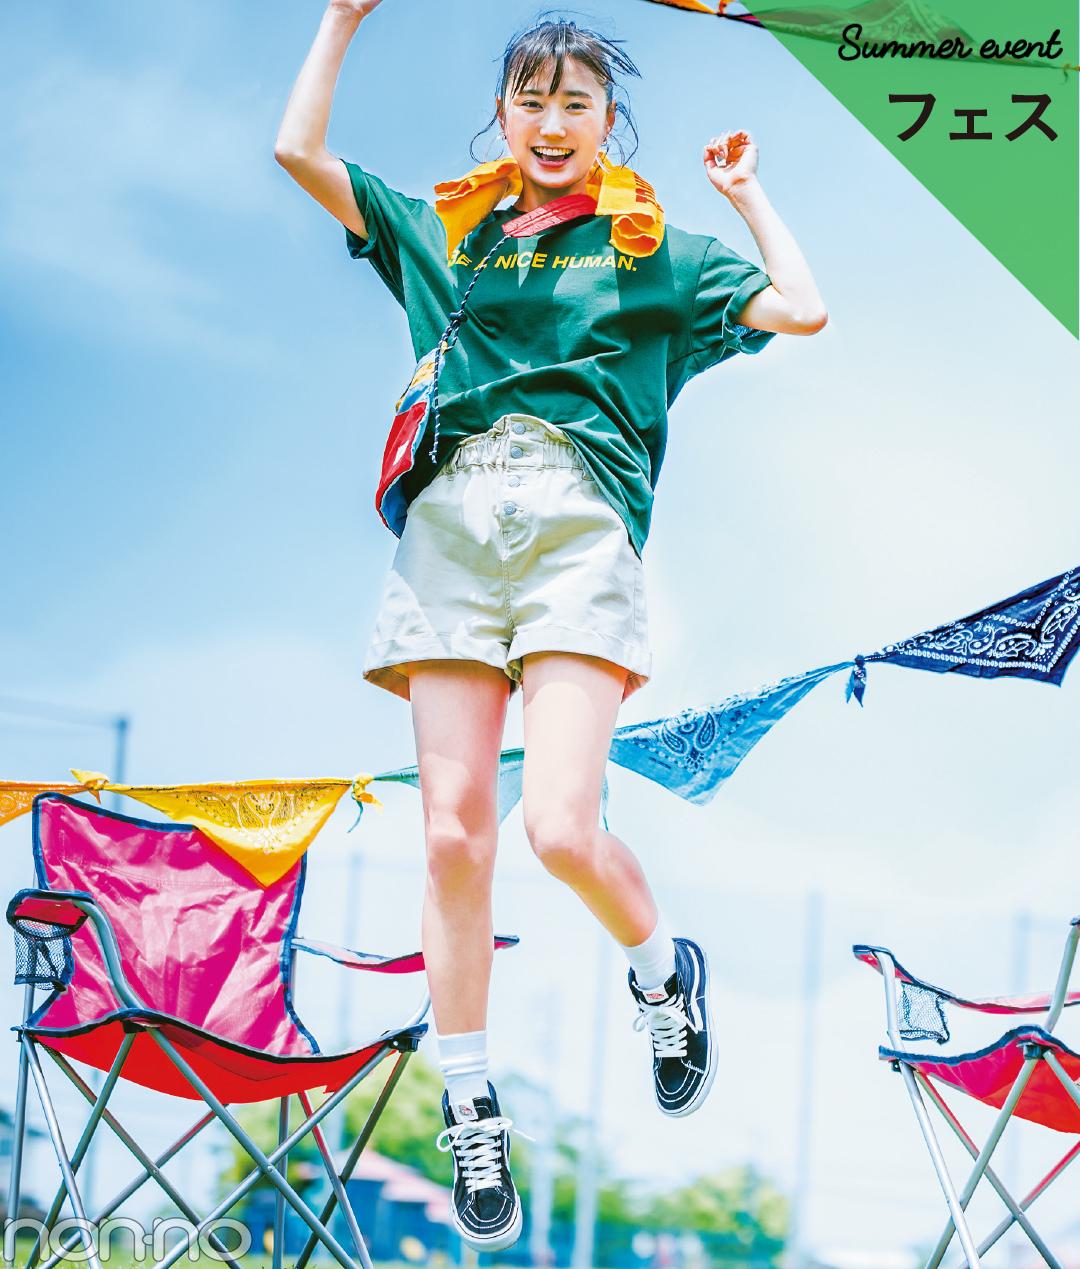 【夏のTシャツコーデ】鈴木友菜は旬のグリーンTシャツ×ショーパンでフェスコーデ